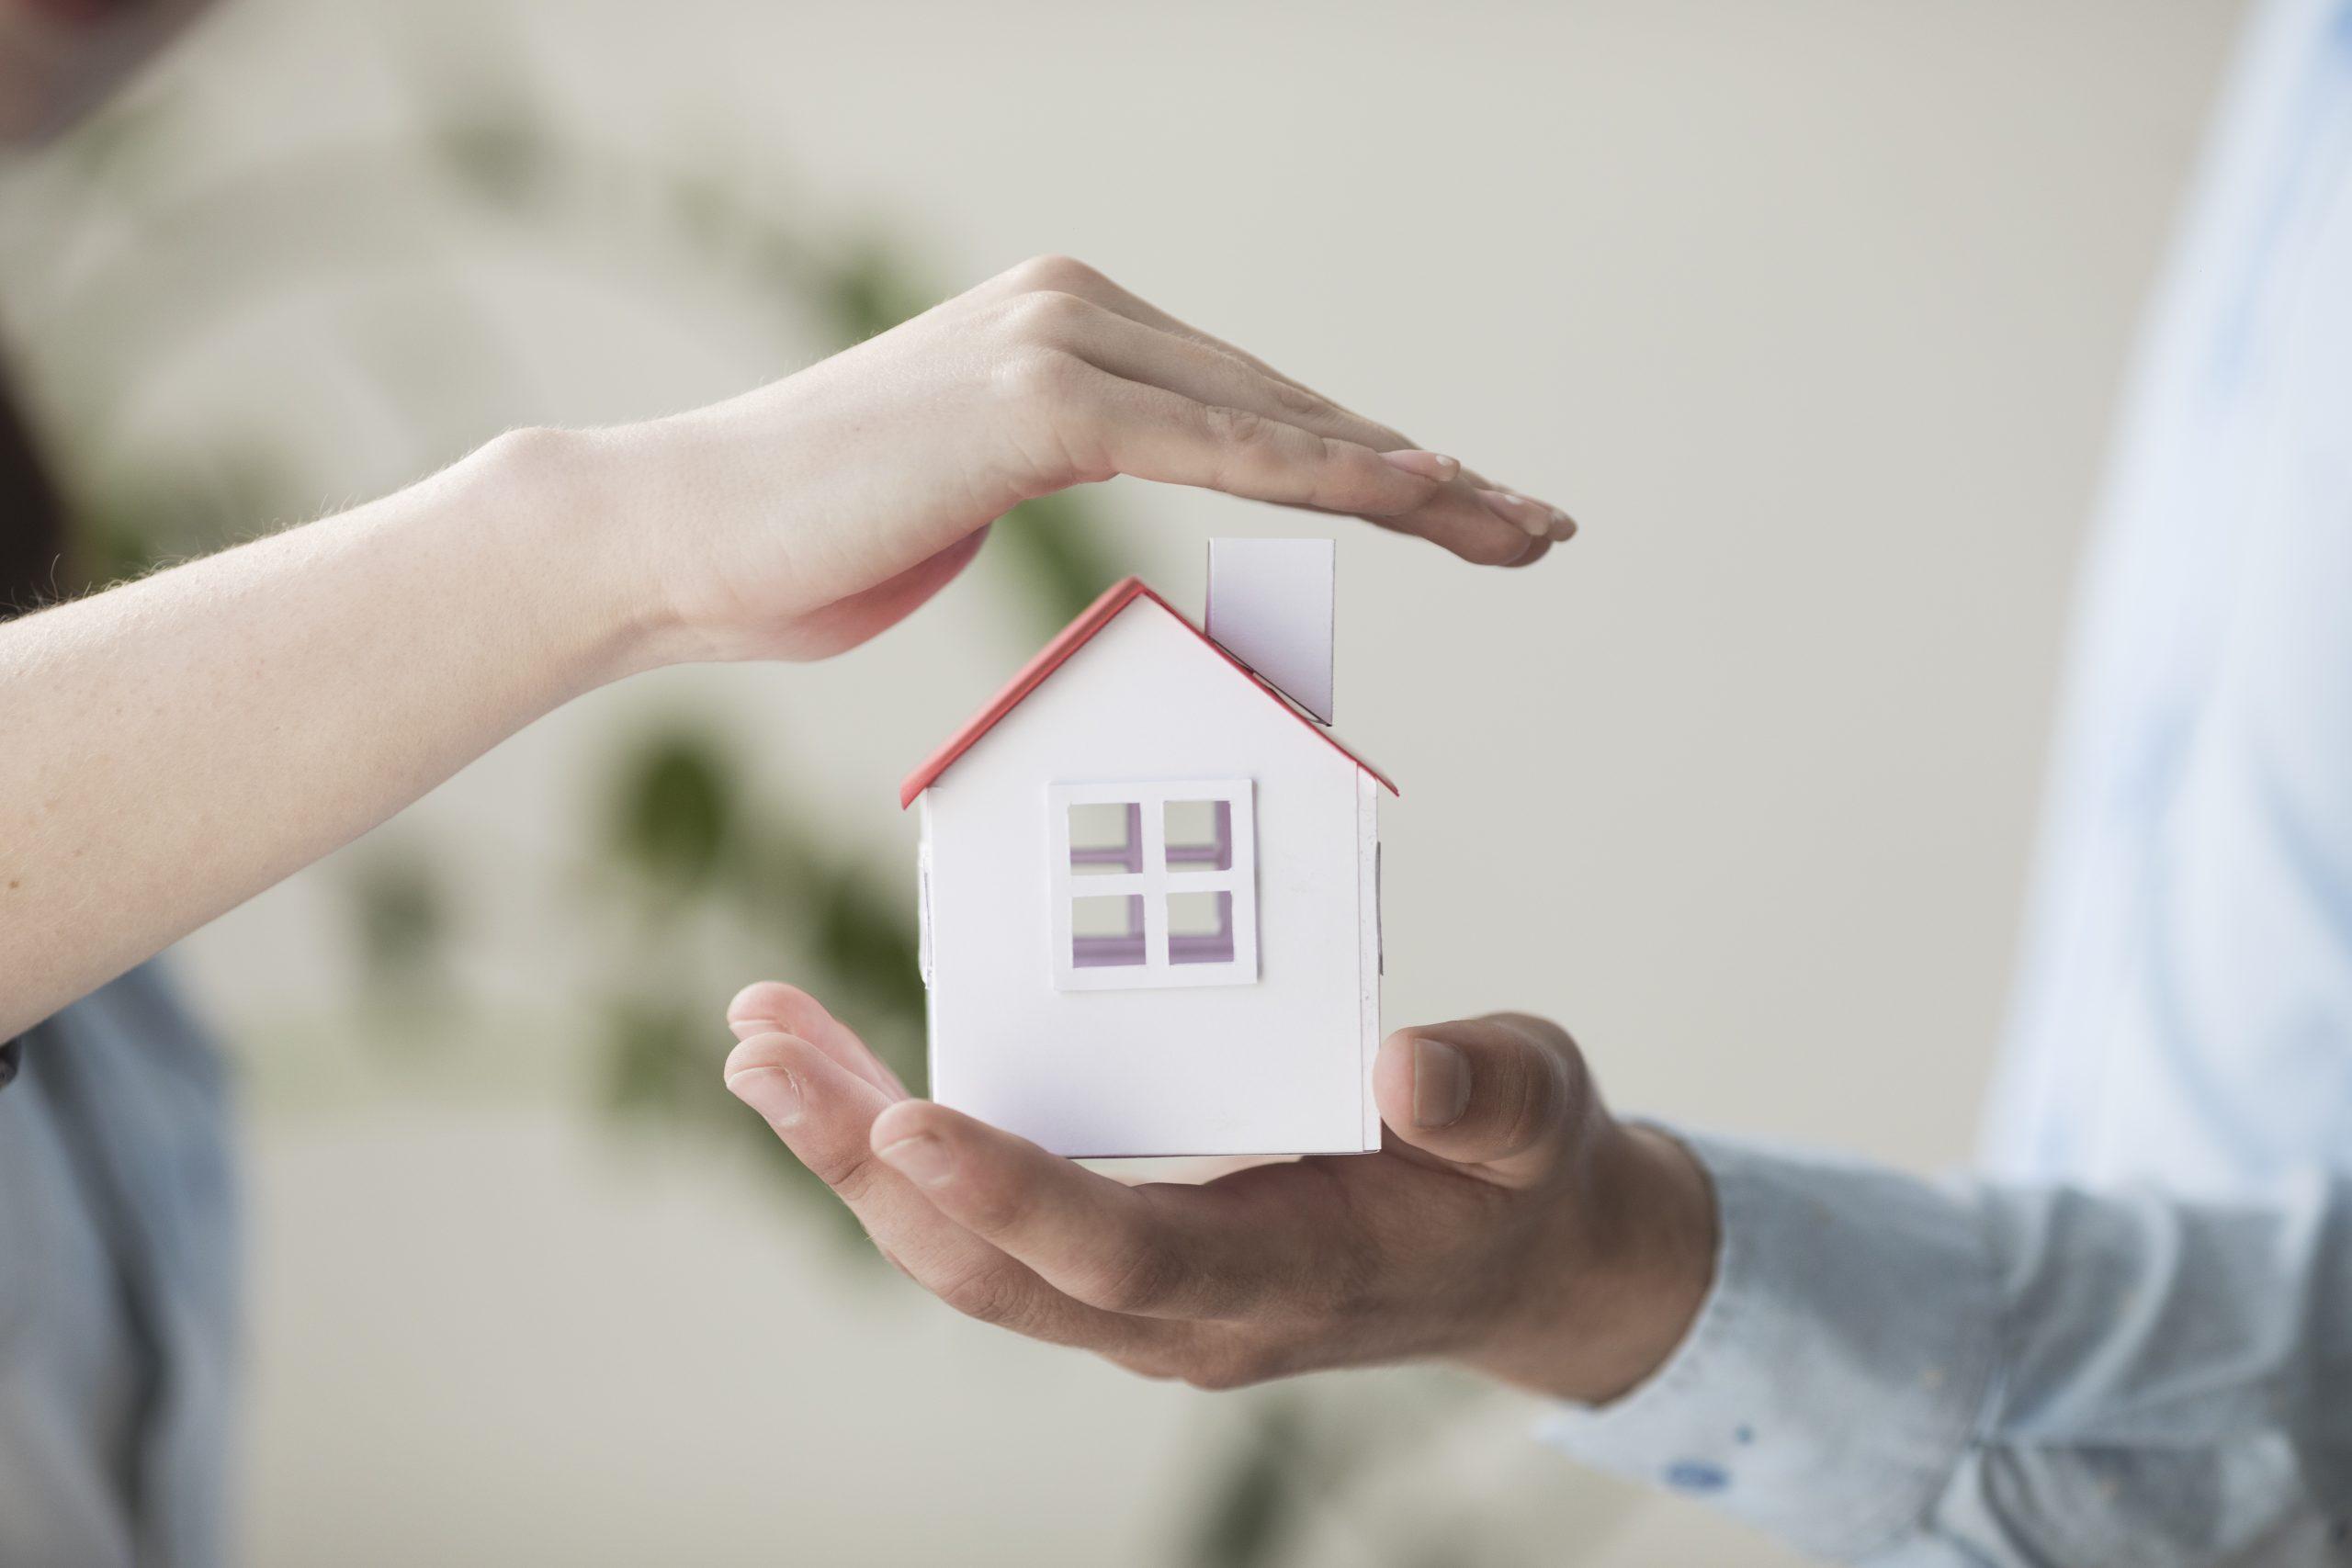 Noticias jurídicas acerca de hipotecas